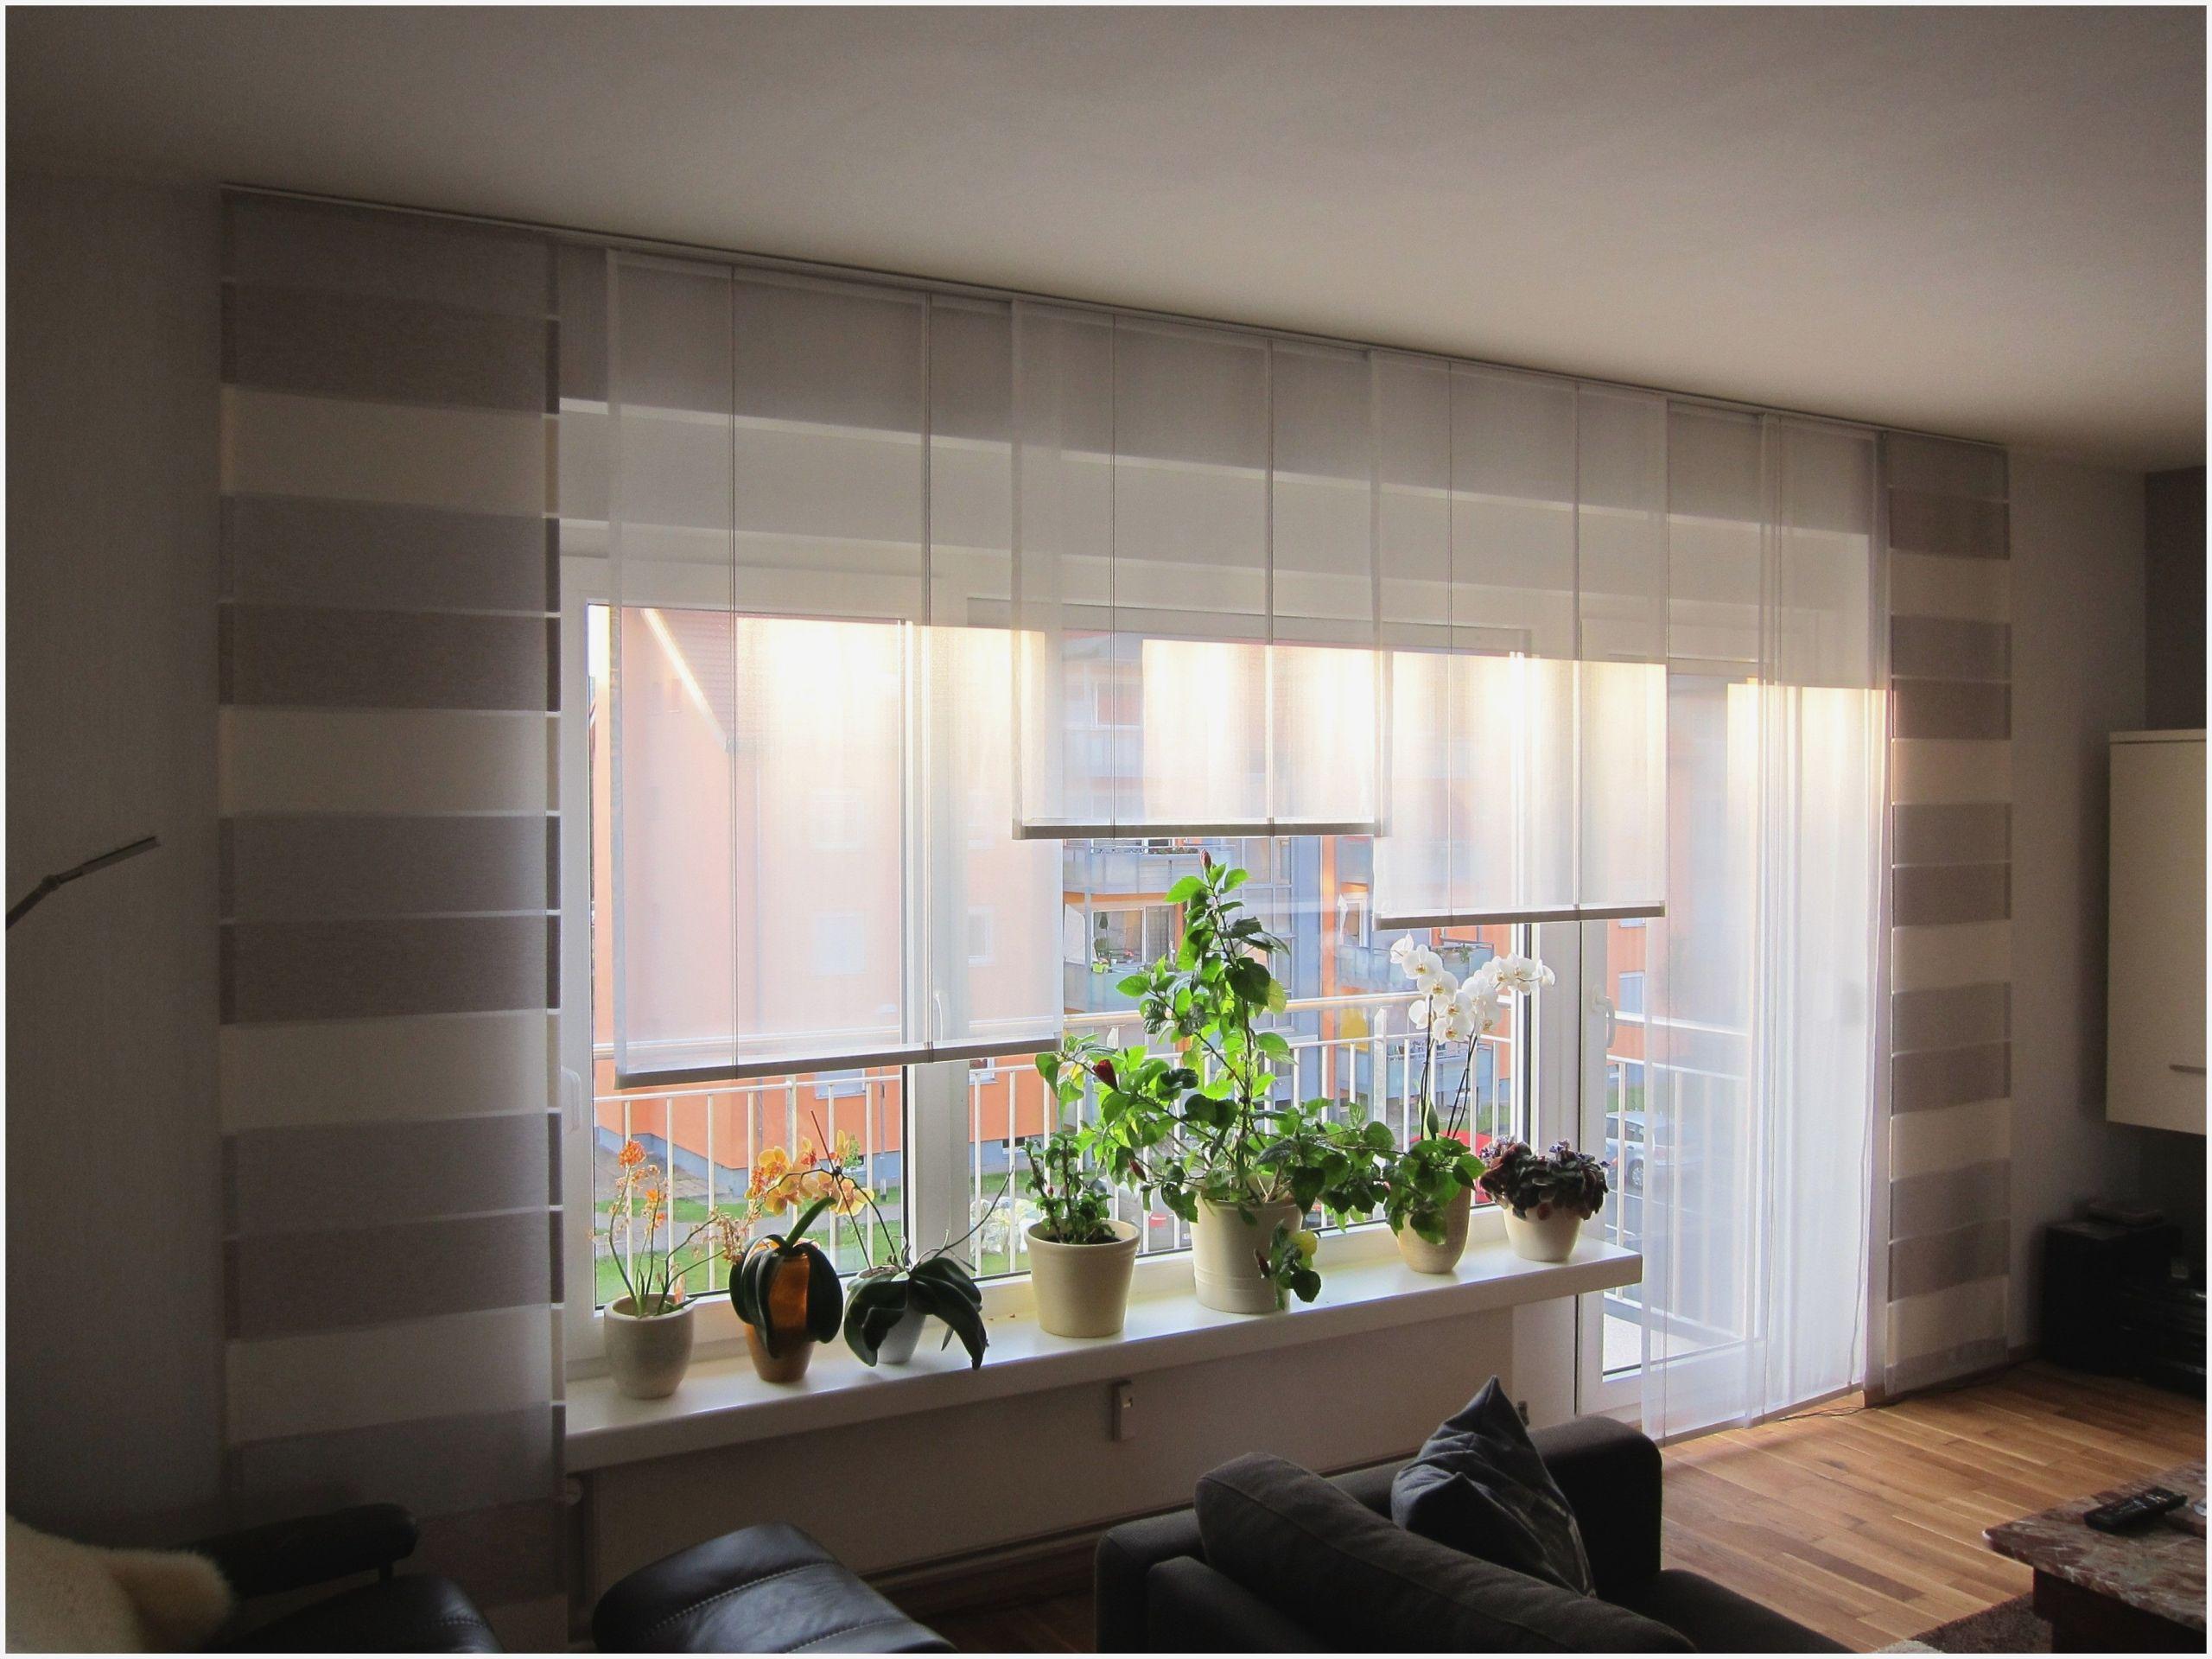 Full Size of Gardinen Fenster Pin Wohnzimmer Deko Traumhaus Sichtschutzfolien Für Sonnenschutzfolie Innen Rahmenlose Sichtschutzfolie Einseitig Durchsichtig Dampfreiniger Wohnzimmer Gardinen Fenster